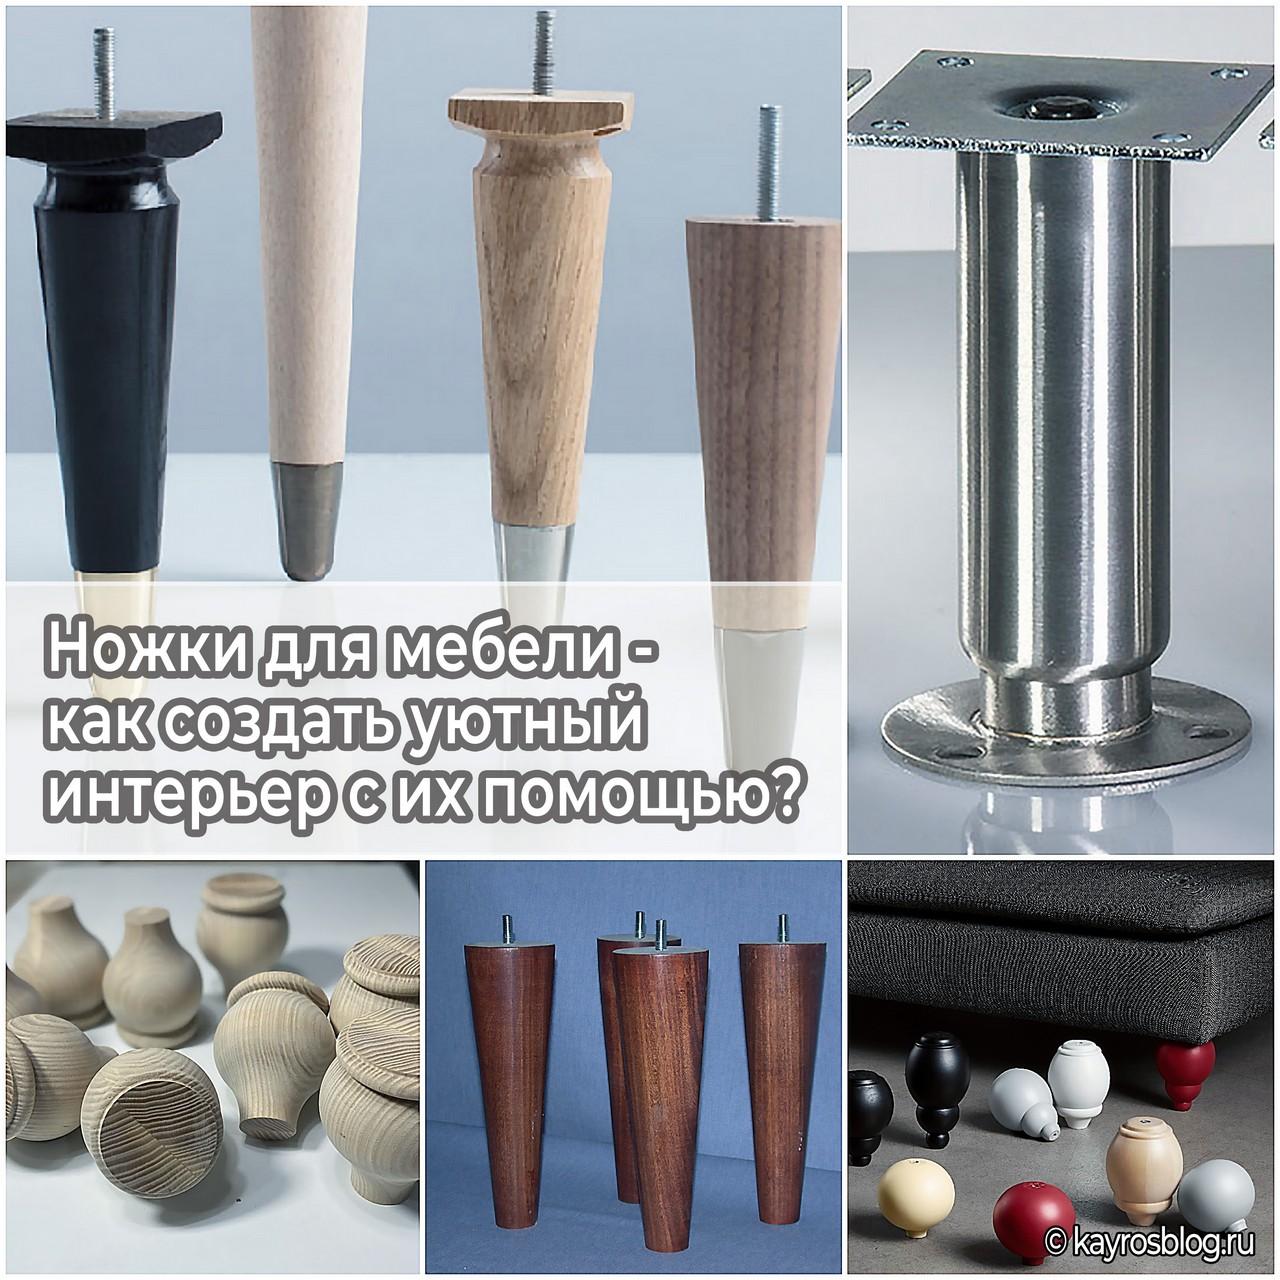 Ножки для мебели - как создать уютный интерьер с их помощью?